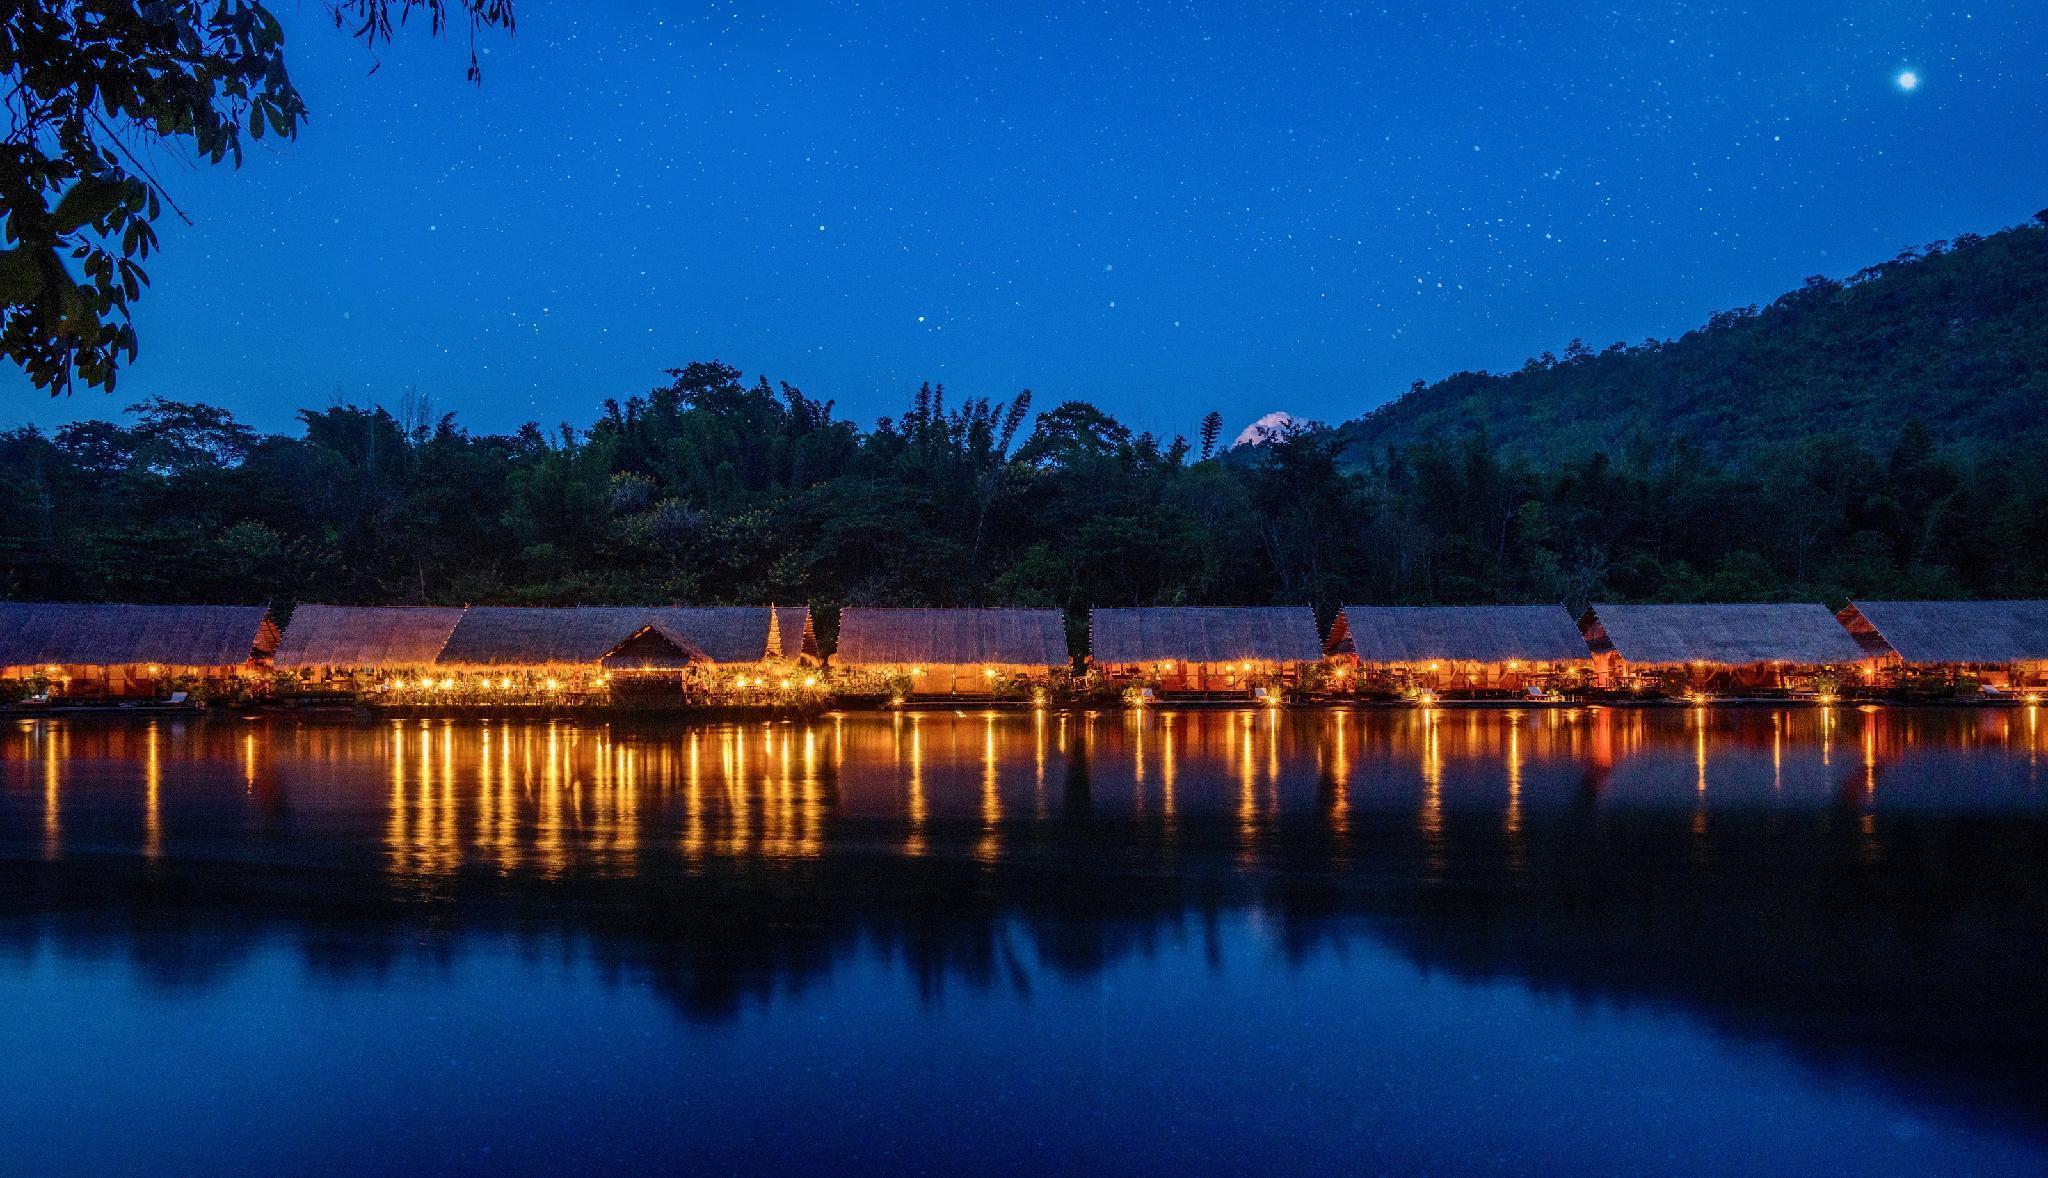 River Kwai Jungle Rafts Resort เรือนแพจังเกิลราฟท์ รีสอร์ท